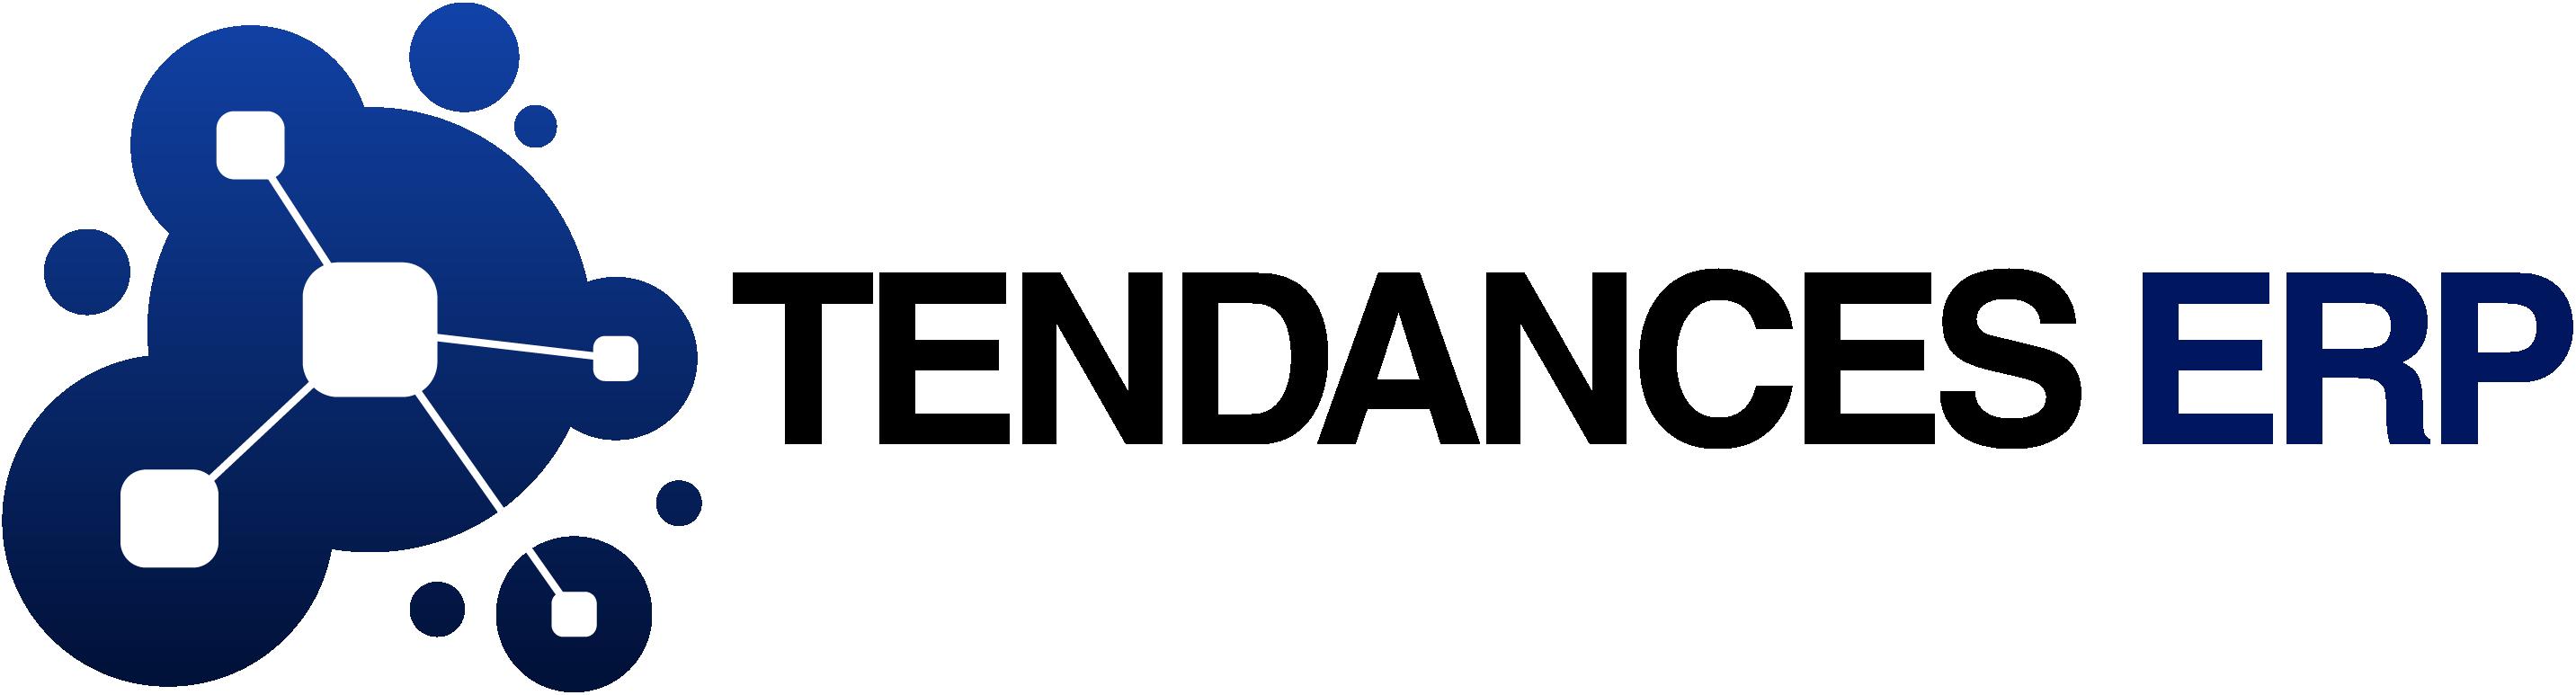 tendance ERP_horizontal